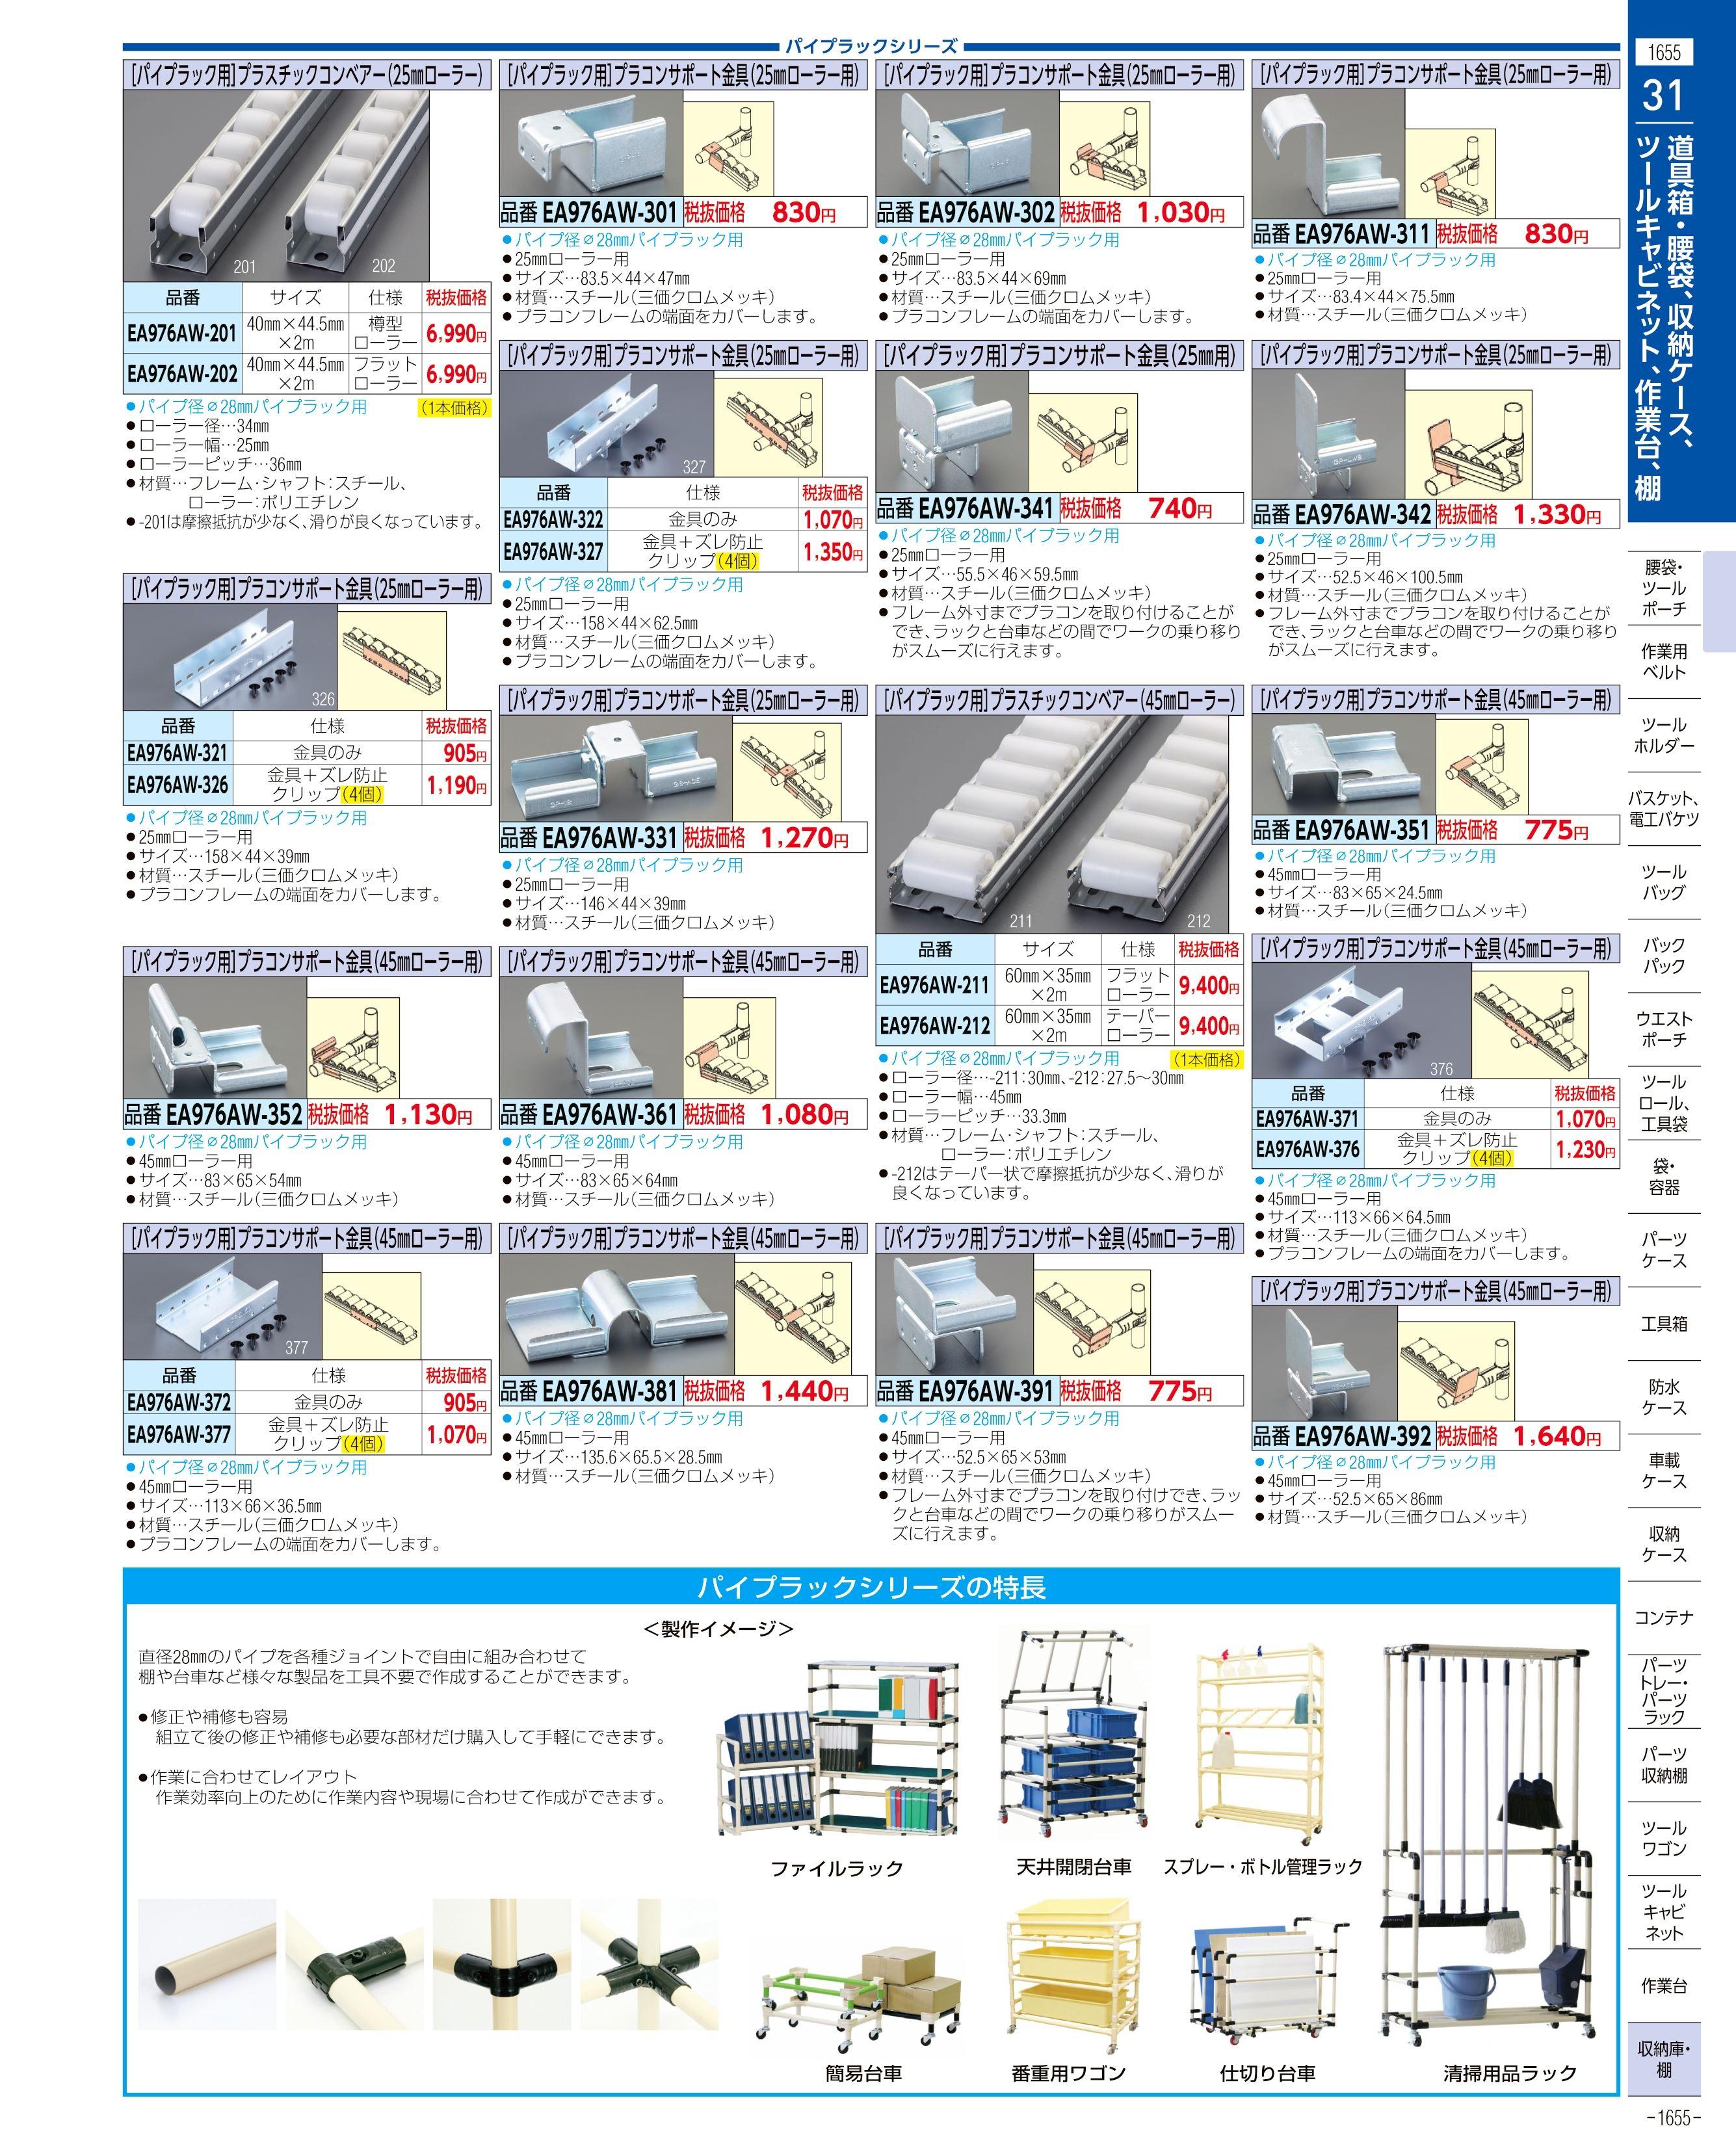 エスコ便利カタログ1655ページ